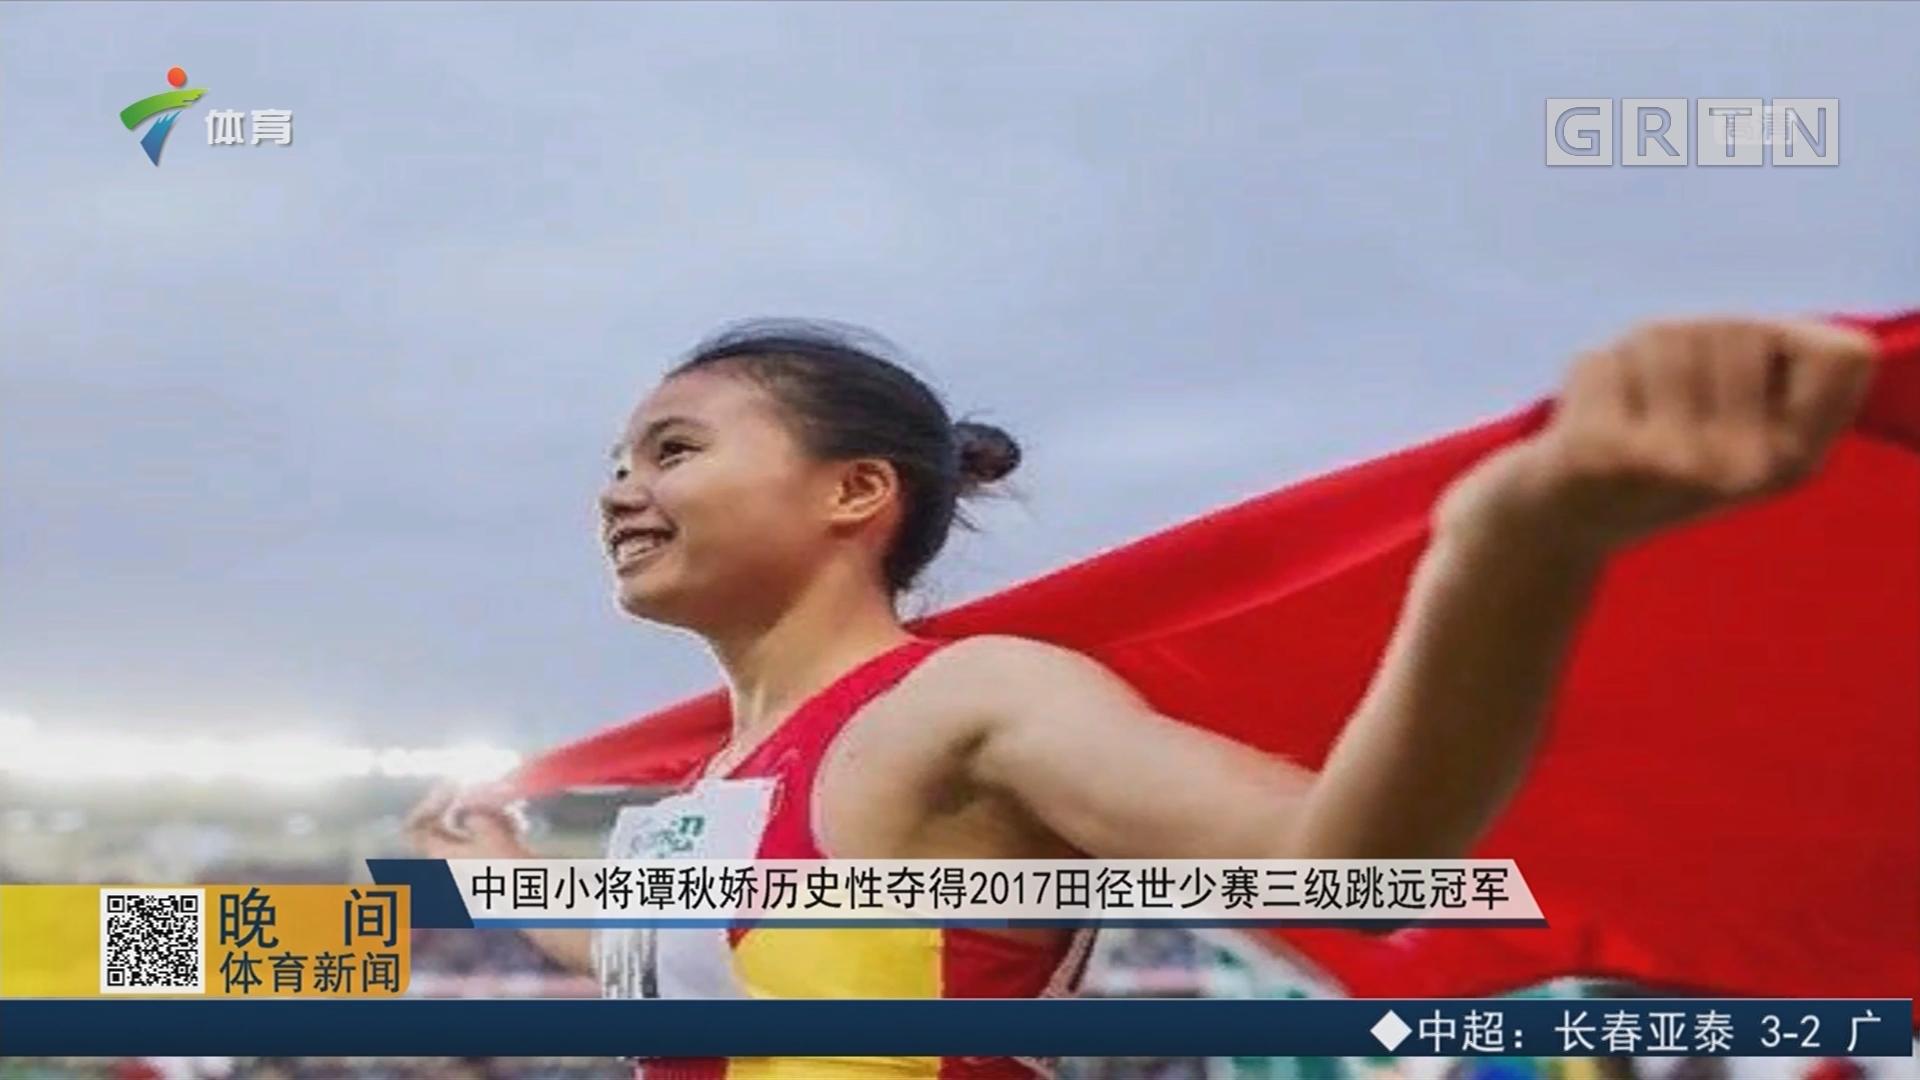 中国小将谭秋娇历史性夺得2017田径世少赛三级跳远冠军